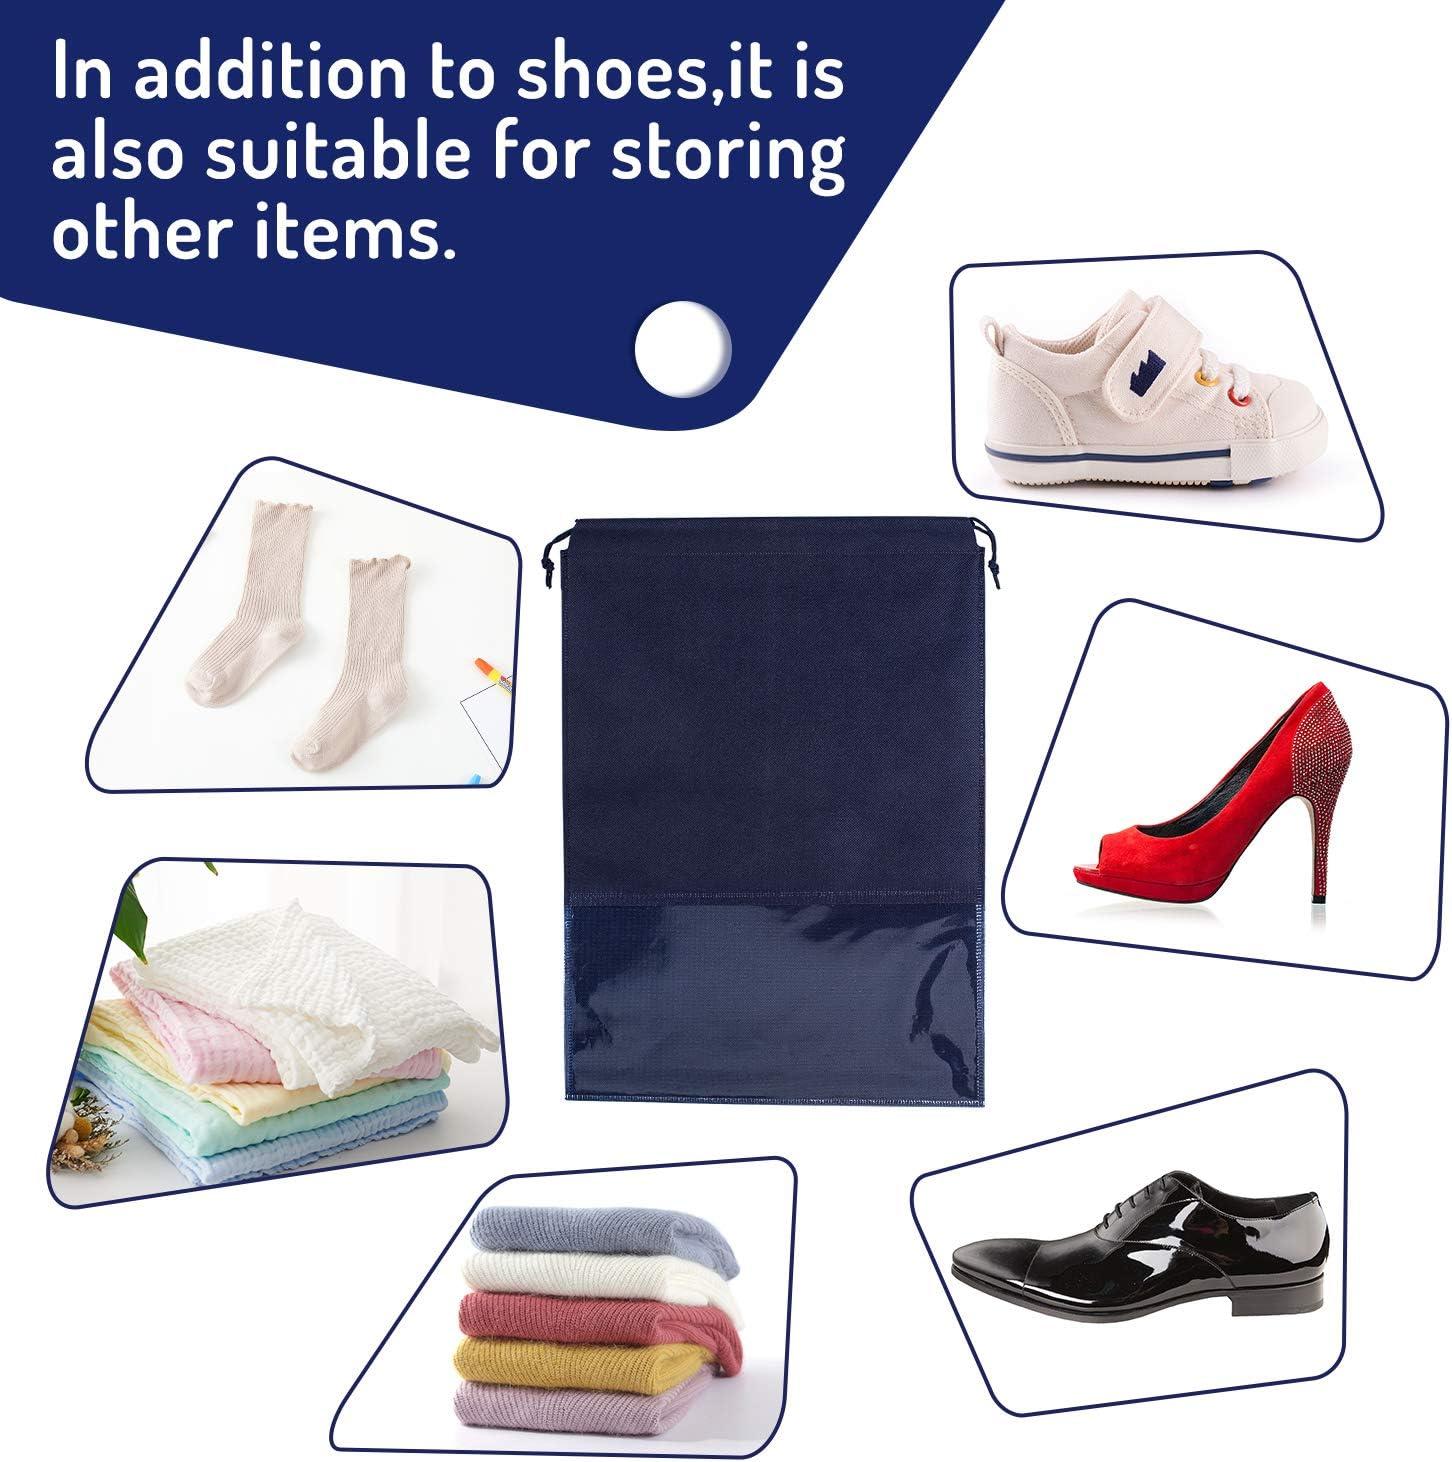 Whaline 15 Pi/èces Sac /à Chaussures de Voyage Grand Sac de Rangement pour Chaussures Non-tiss/é avec Fen/être Transparente pour Homme et Femme Bleu Ciel